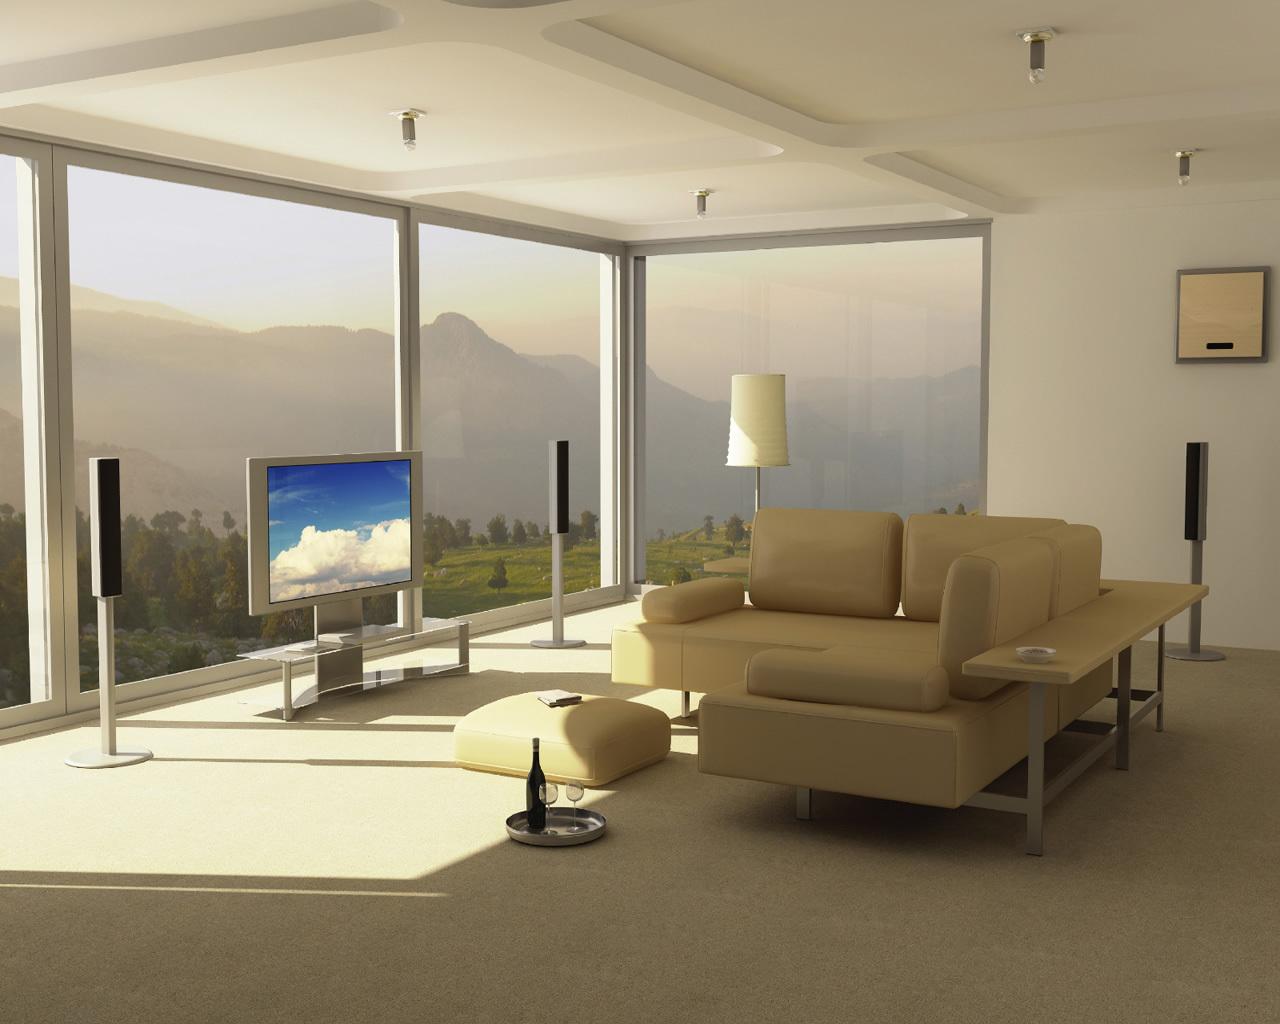 Wallpaper Interior Design Pictures photo - 7